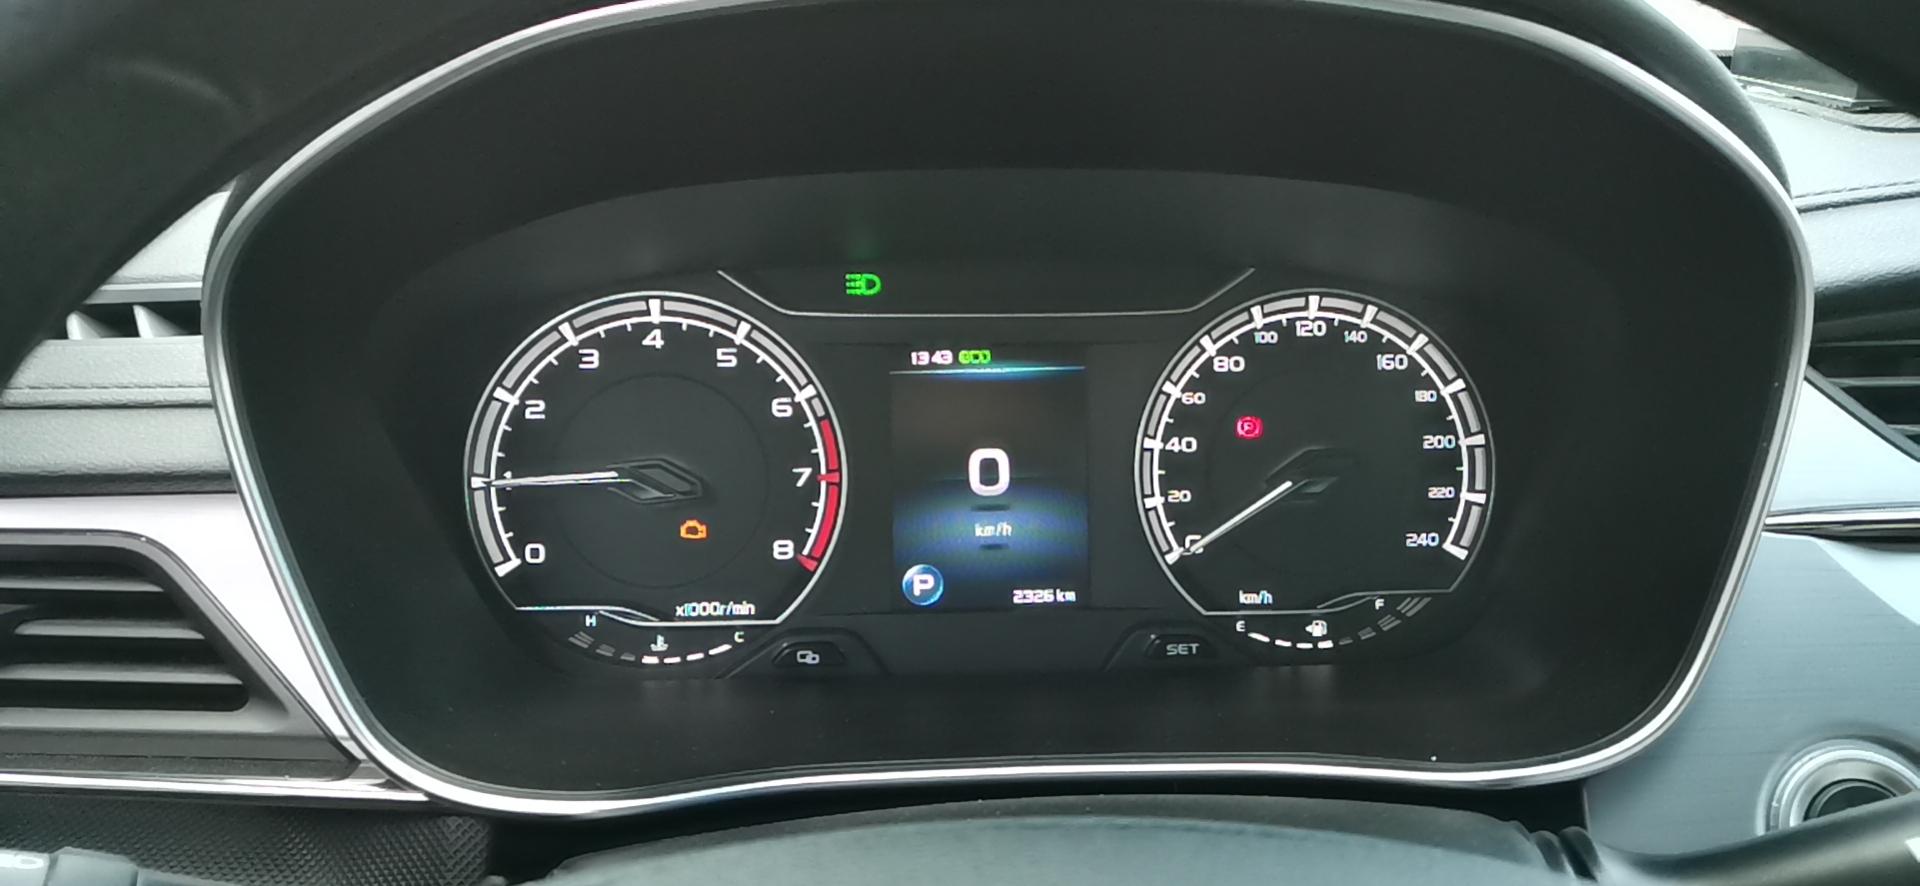 吉利汽车-缤瑞 怠速不稳 双闪异常 发动机故障灯亮起